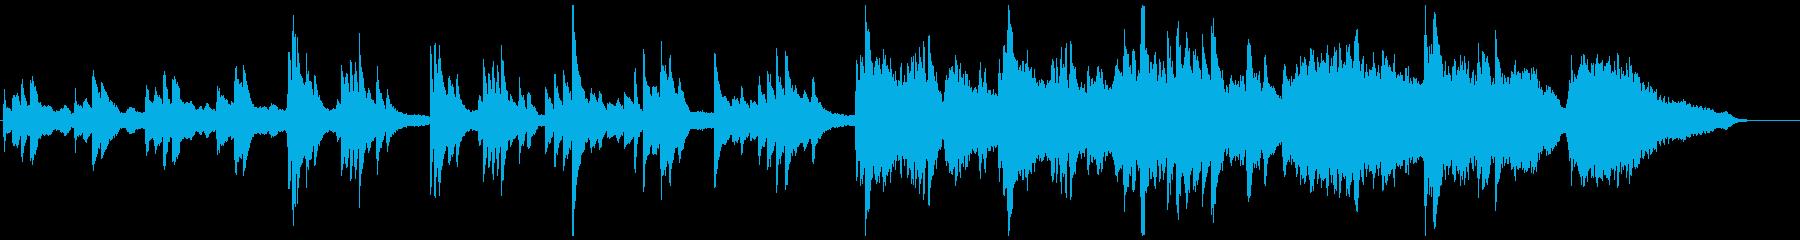 ファンタジーゲームのエンディングの再生済みの波形